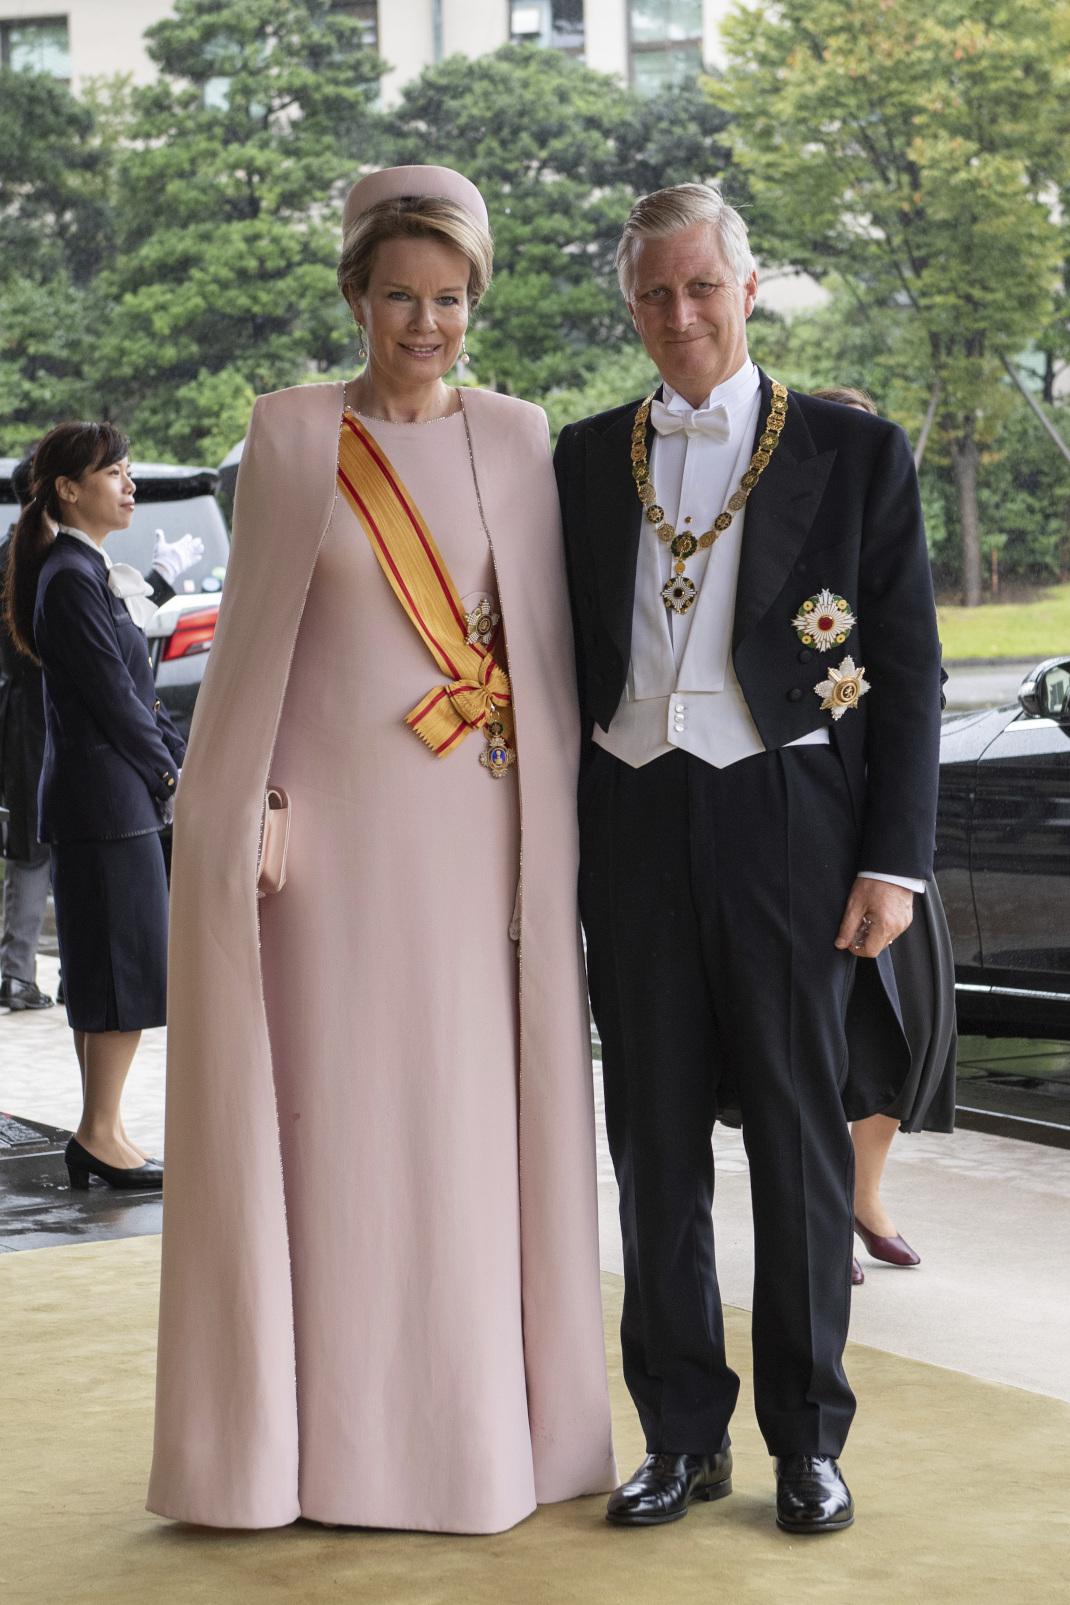 Η βασίλισσα Ματθίλδη του Βελγίου πάει στην ενθρόνιση του Ναρουχίτο